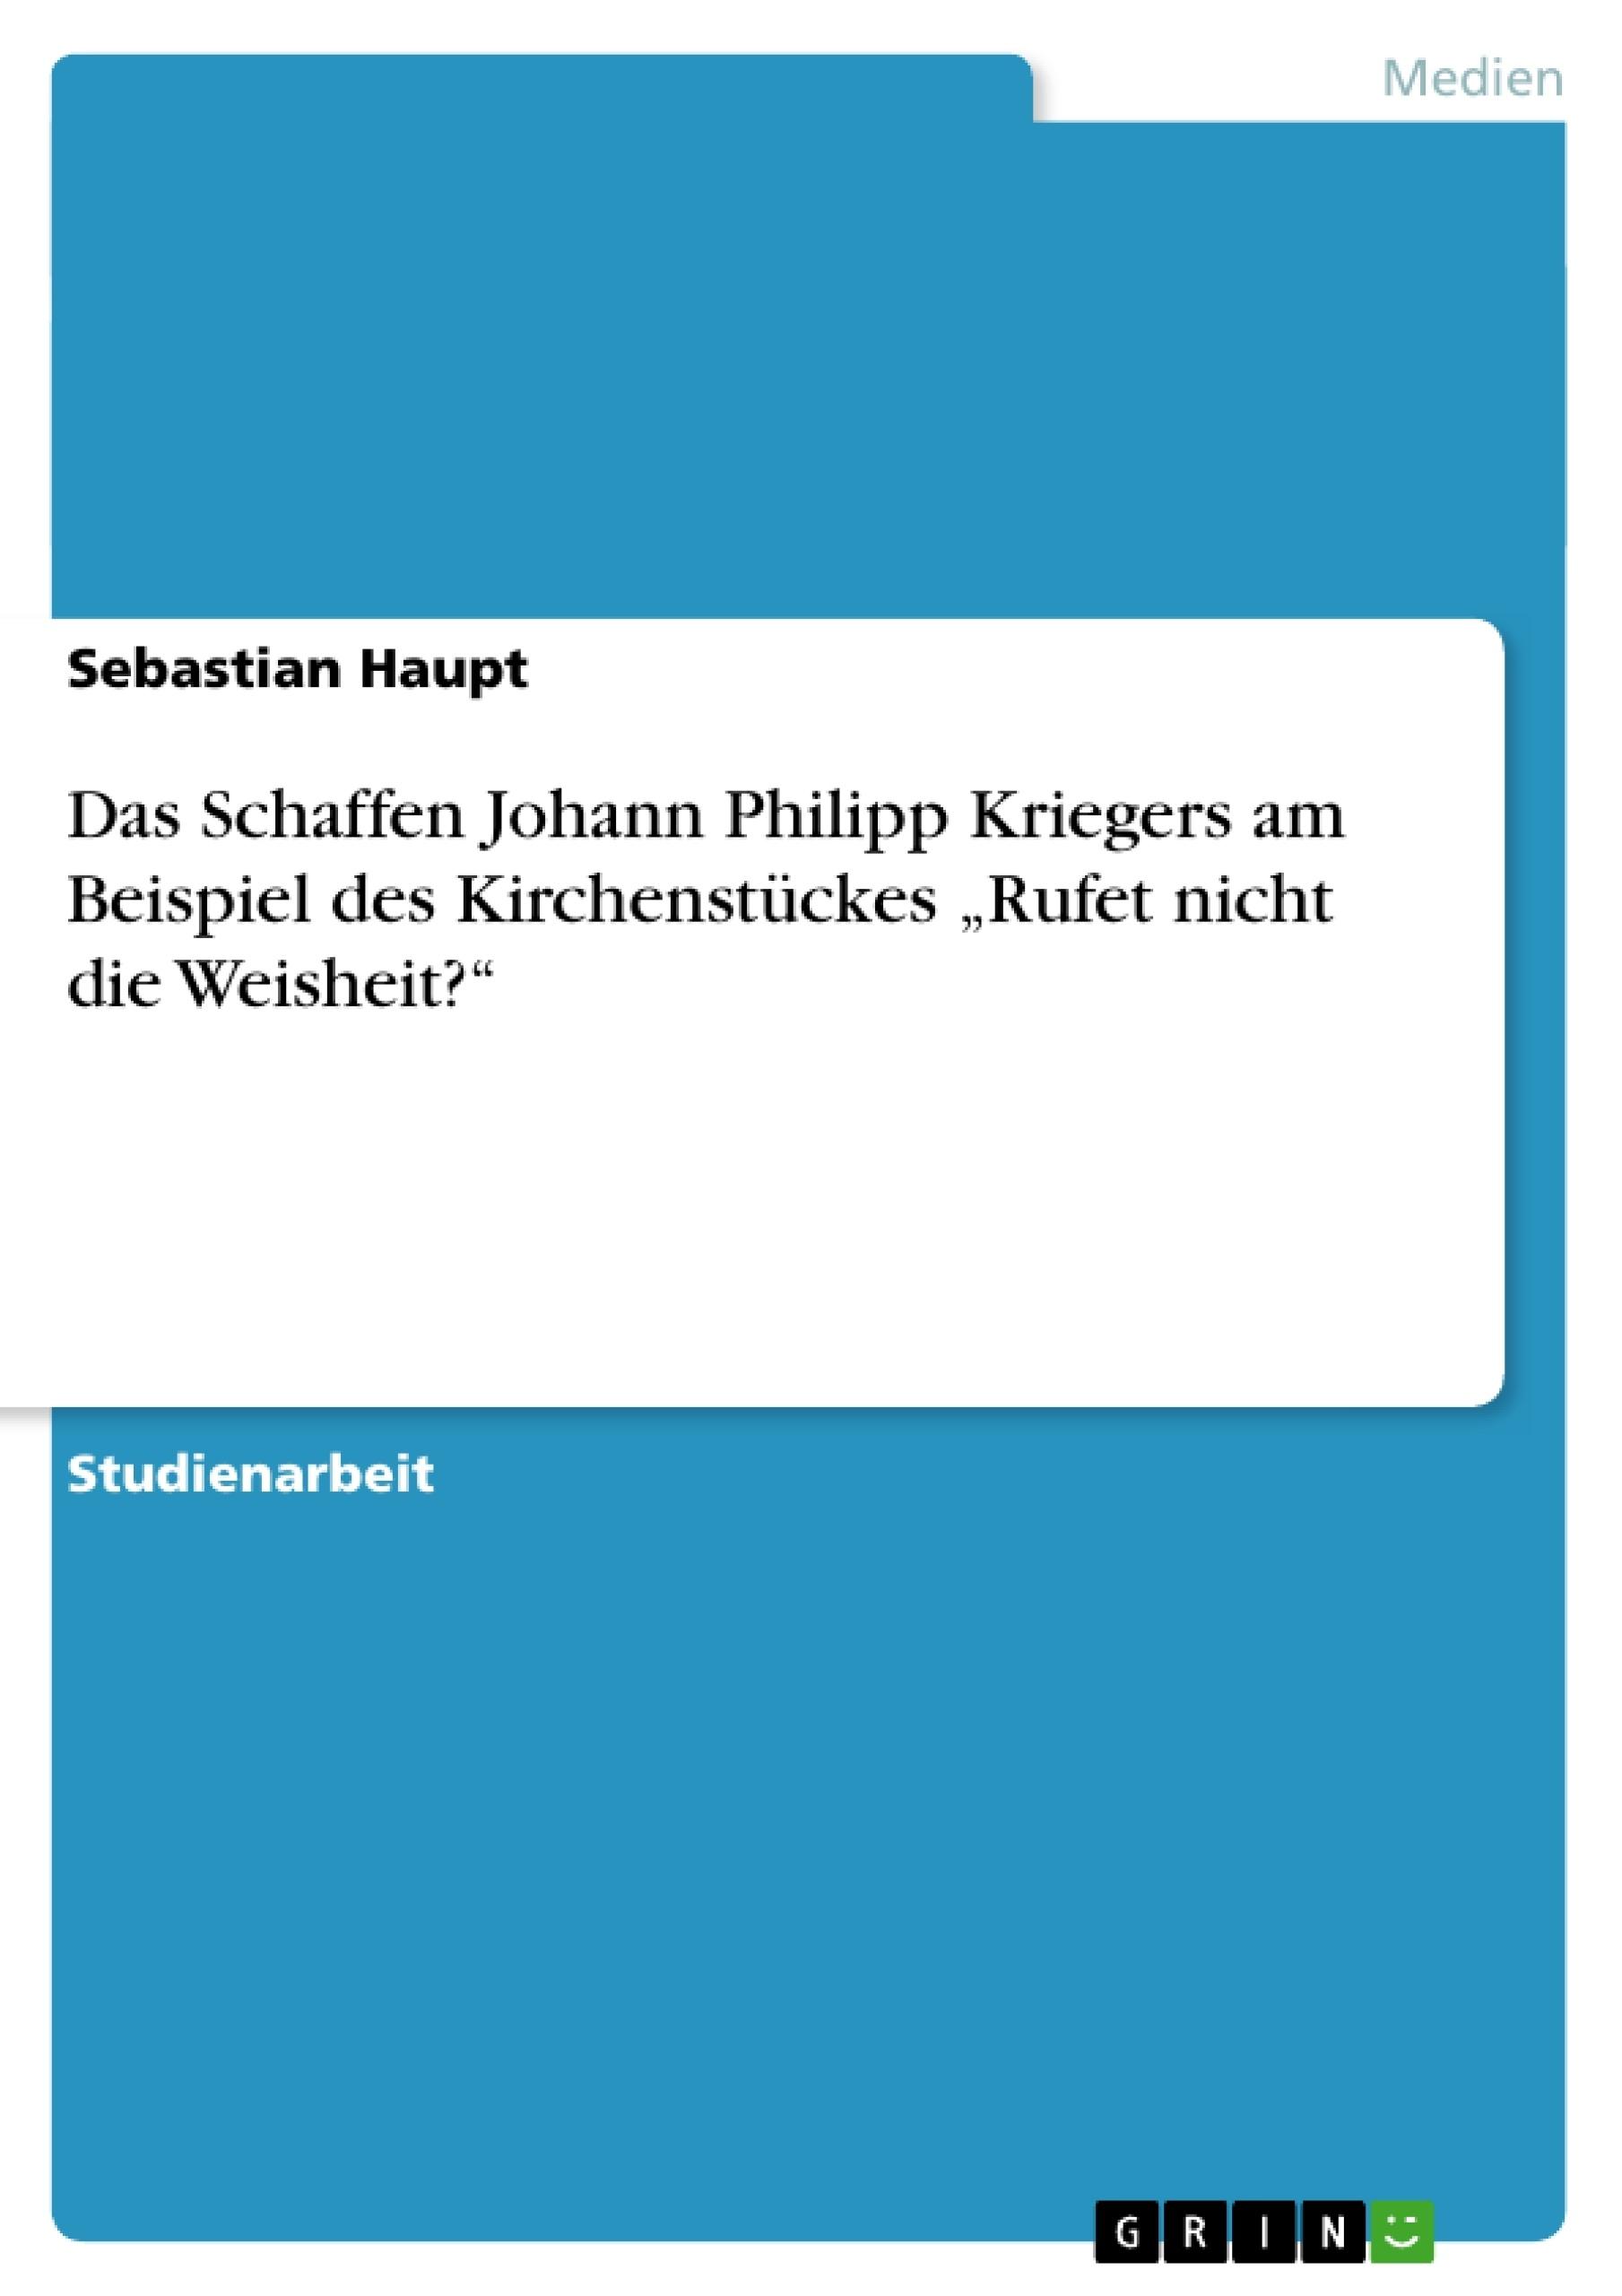 """Titel: Das Schaffen Johann Philipp Kriegers am Beispiel des Kirchenstückes """"Rufet nicht die Weisheit?"""""""